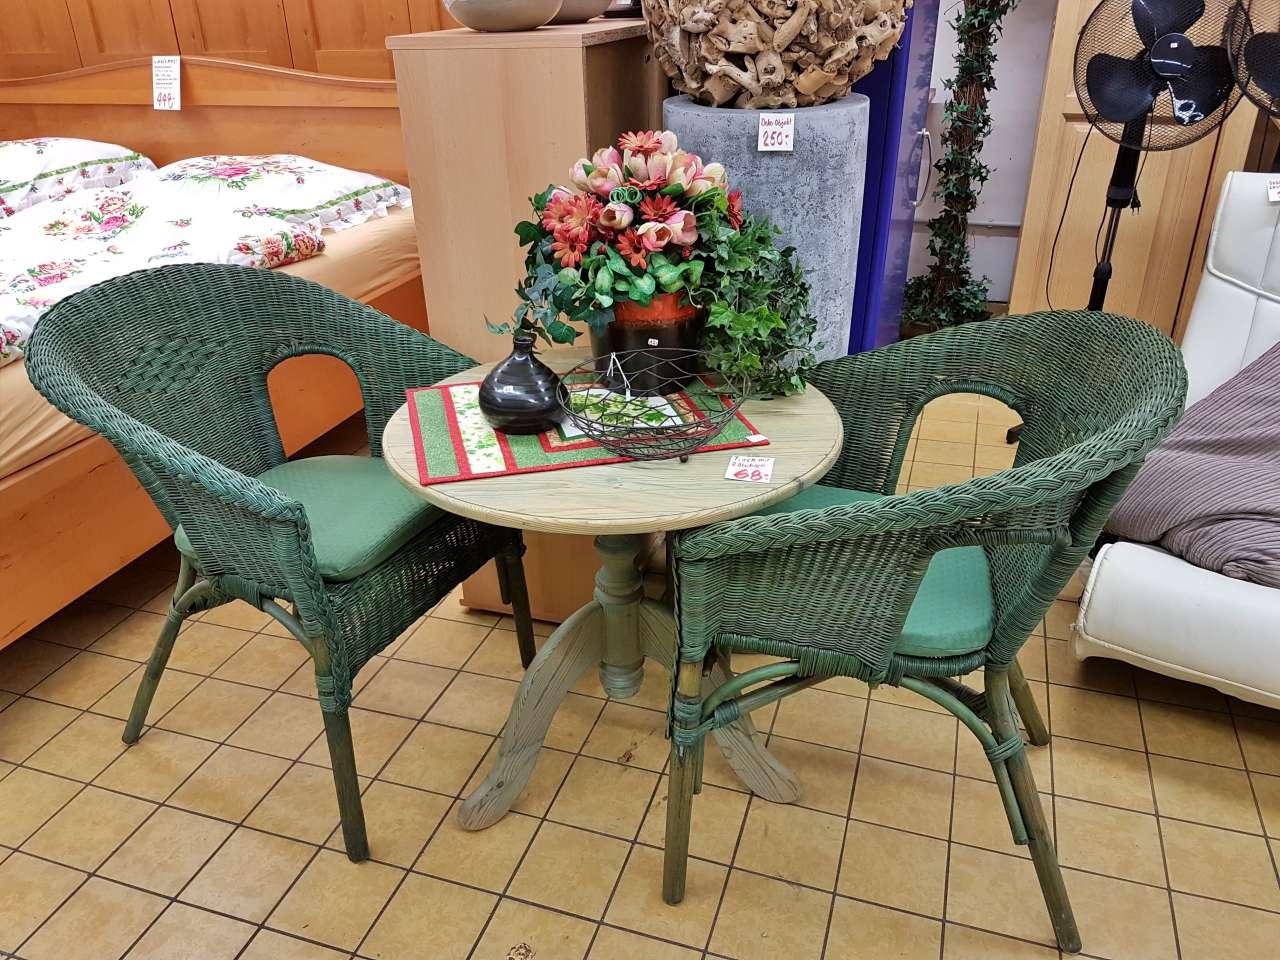 Möbel und Einrichtung Tisch mit Rattan-Sessel